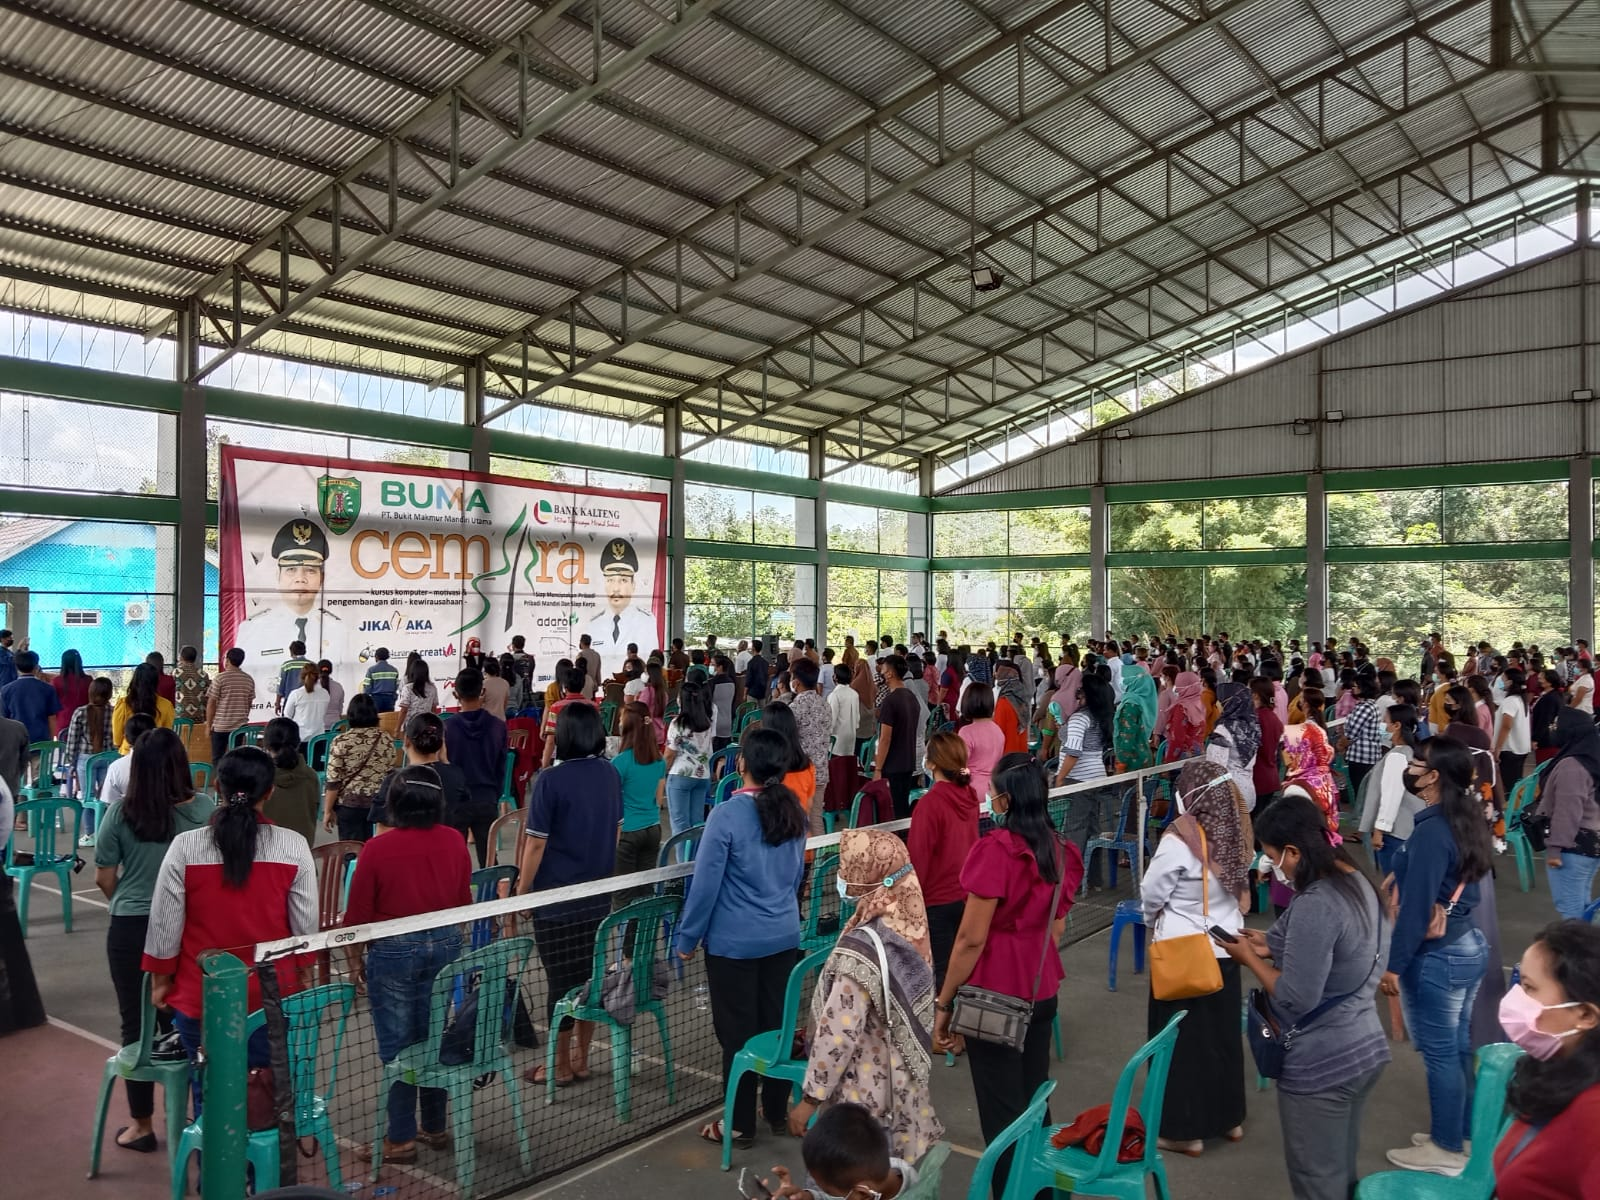 kegiatan pelatihan dengan Program Cemara (Cerdaskan Masyarakat dan Potensi Sumber Daya) di Lapangan Tenis Indoor Tamiang Layang, Senin (27/9/ 2021)